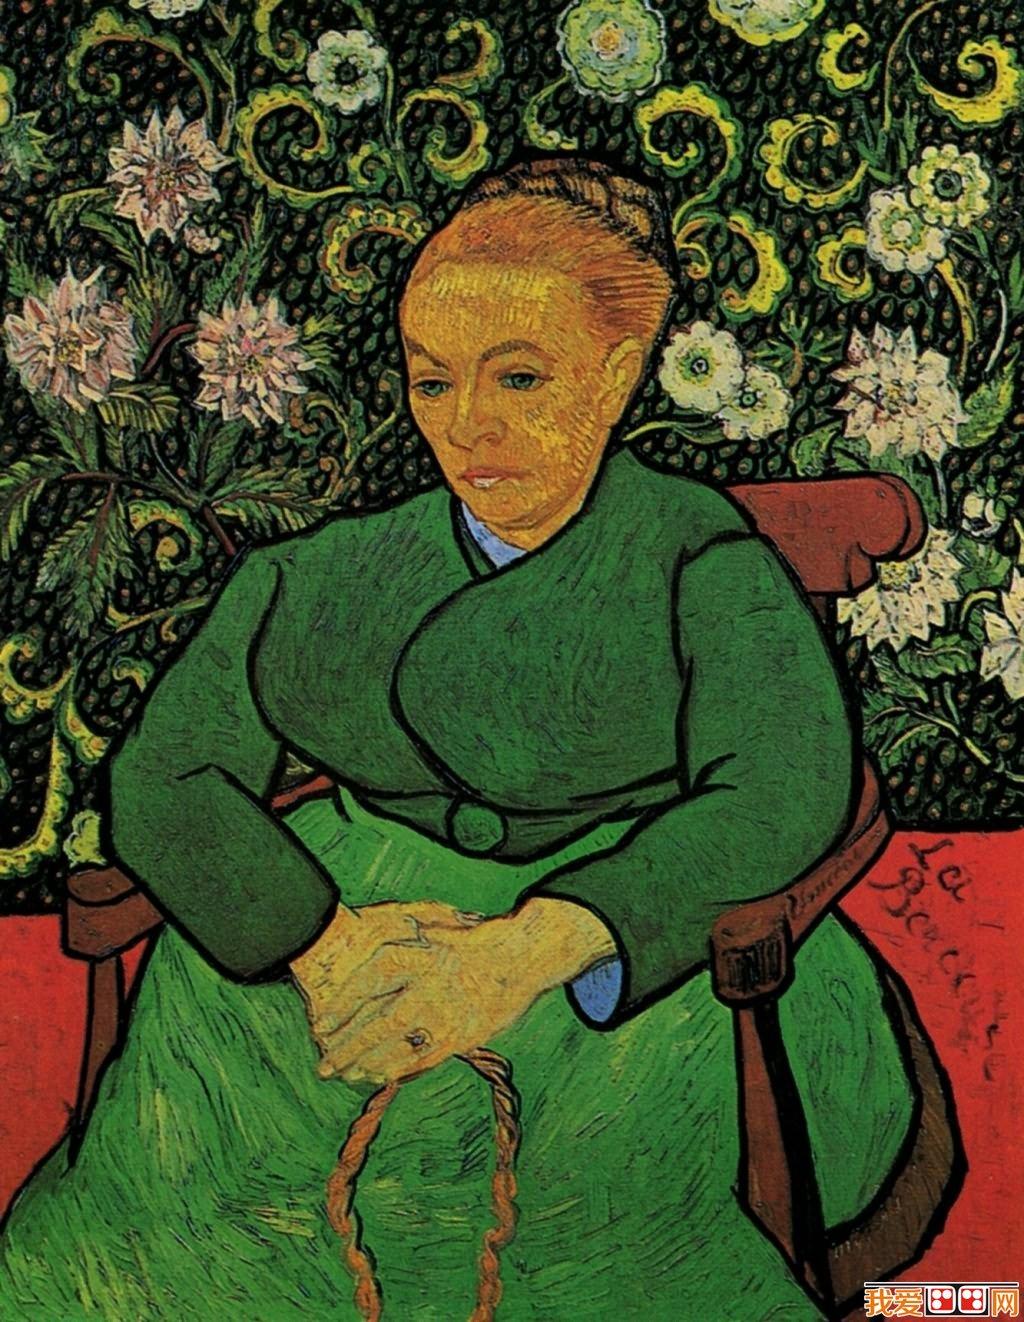 印象派画家梵高人物肖像油画作品欣赏 5